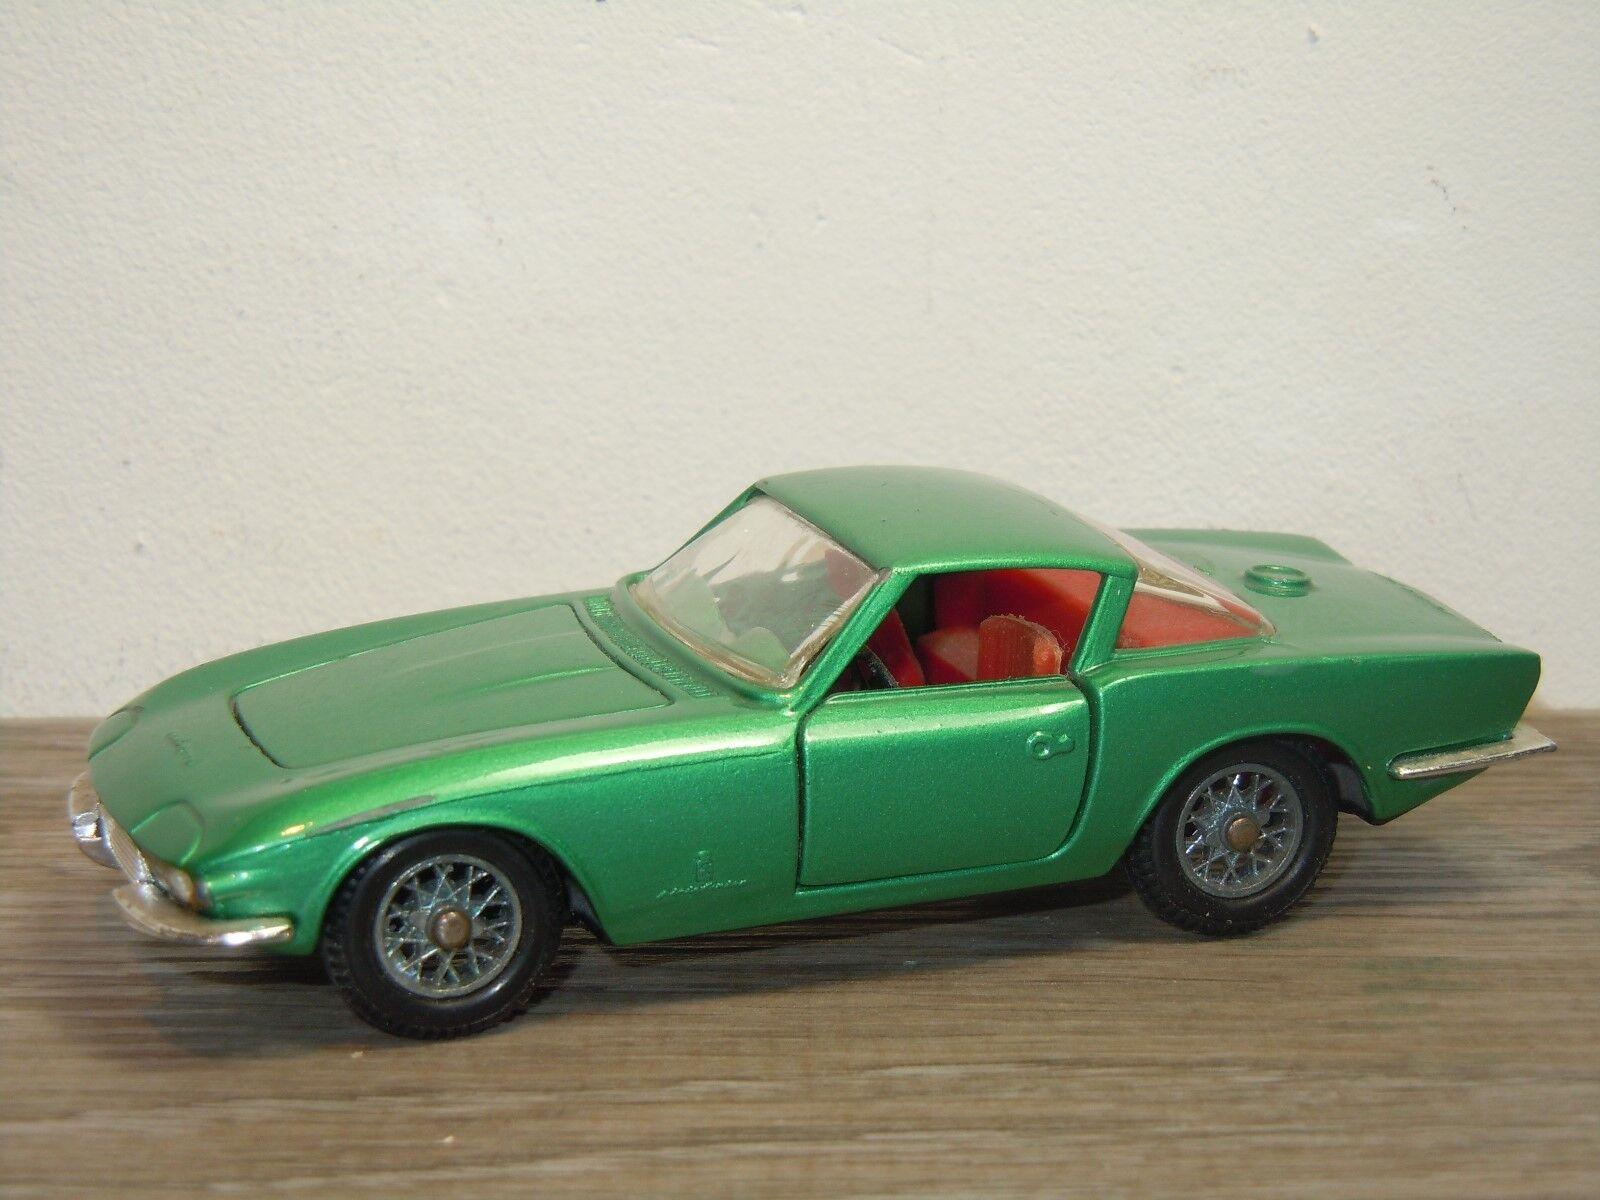 Corvette rondine pininfarina - mebetoys, welche dienste italien 1 43  36152